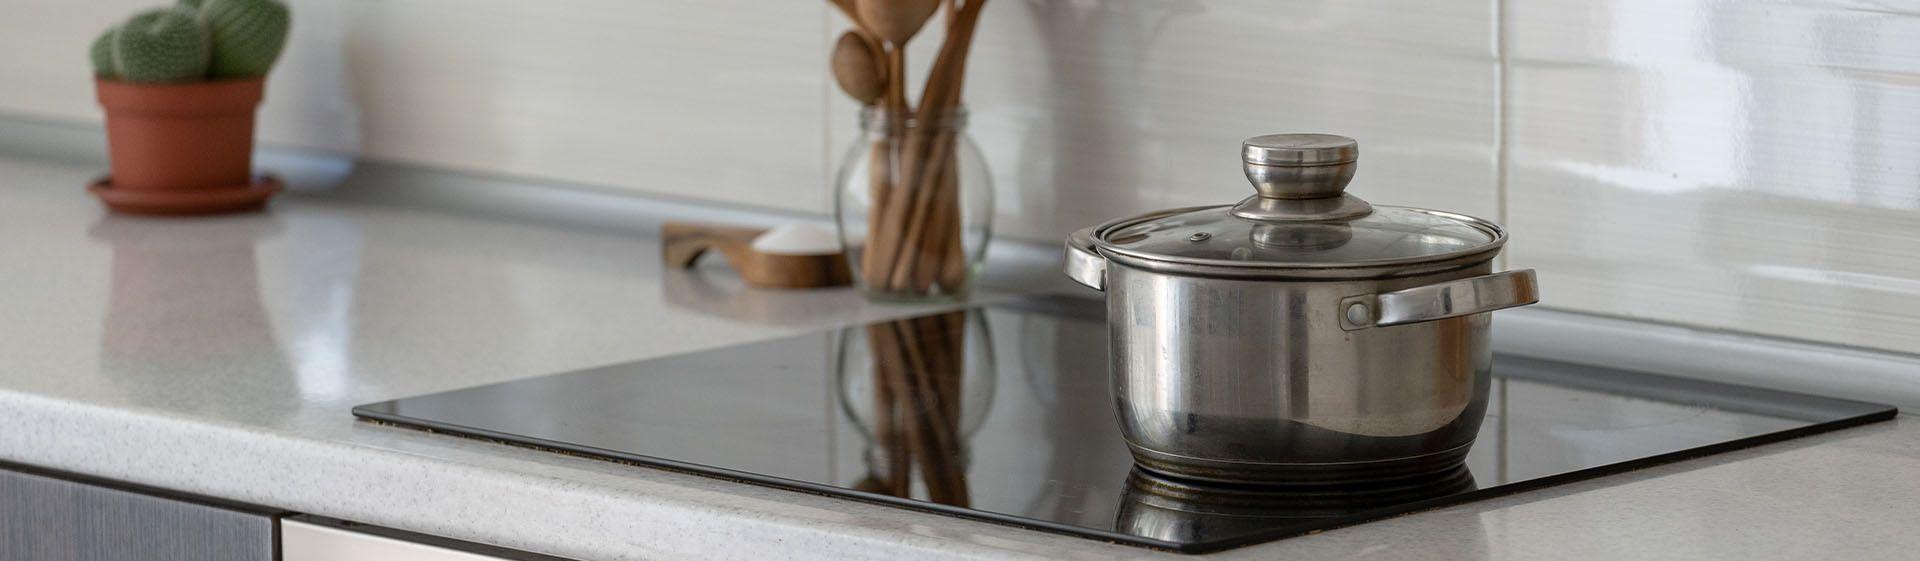 Melhores Cooktops para Comprar em 2020: de 1 a 5 bocas